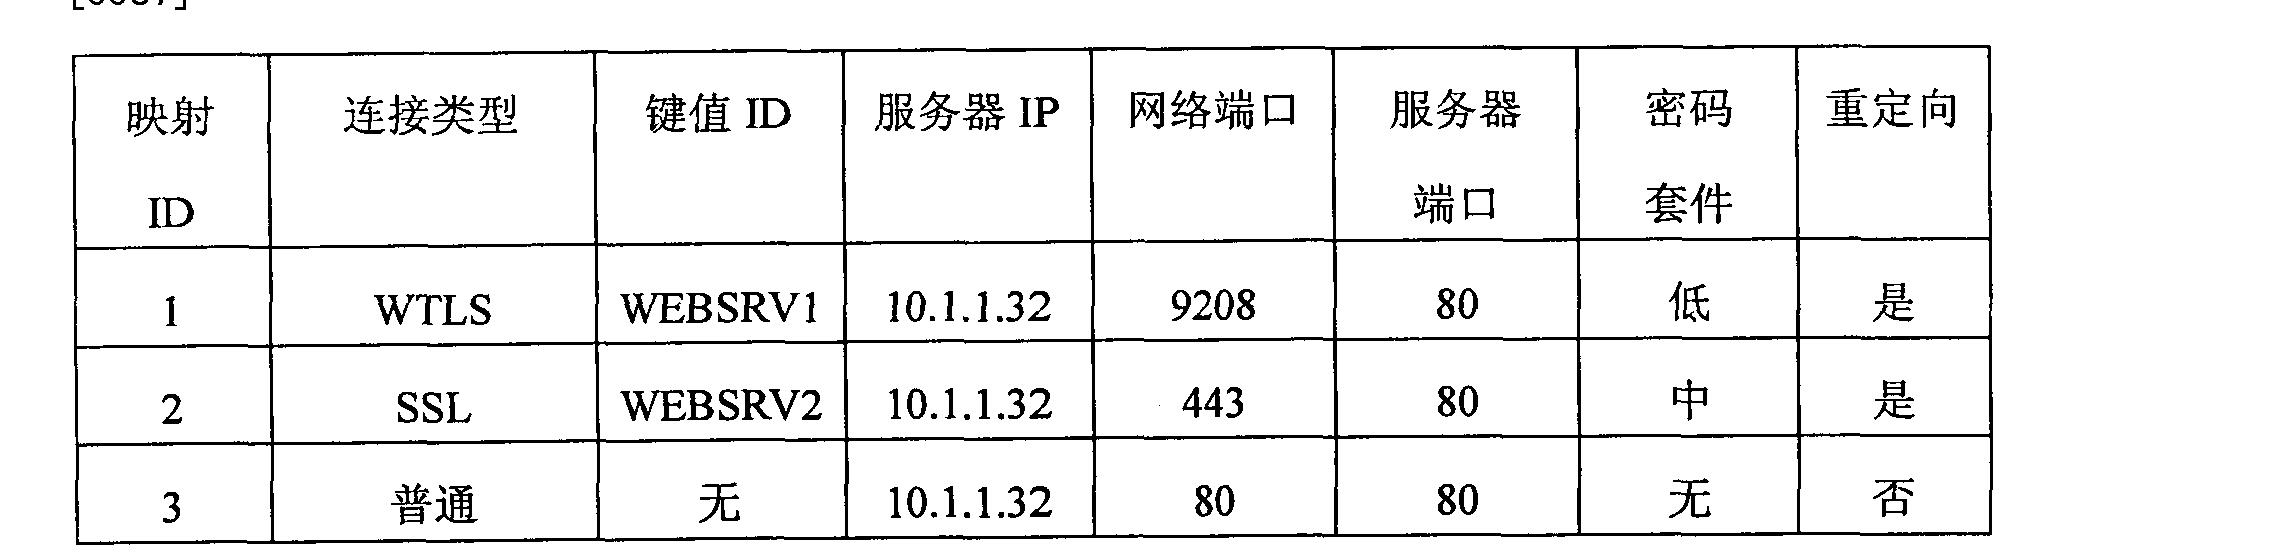 Figure CN102143160BD00152